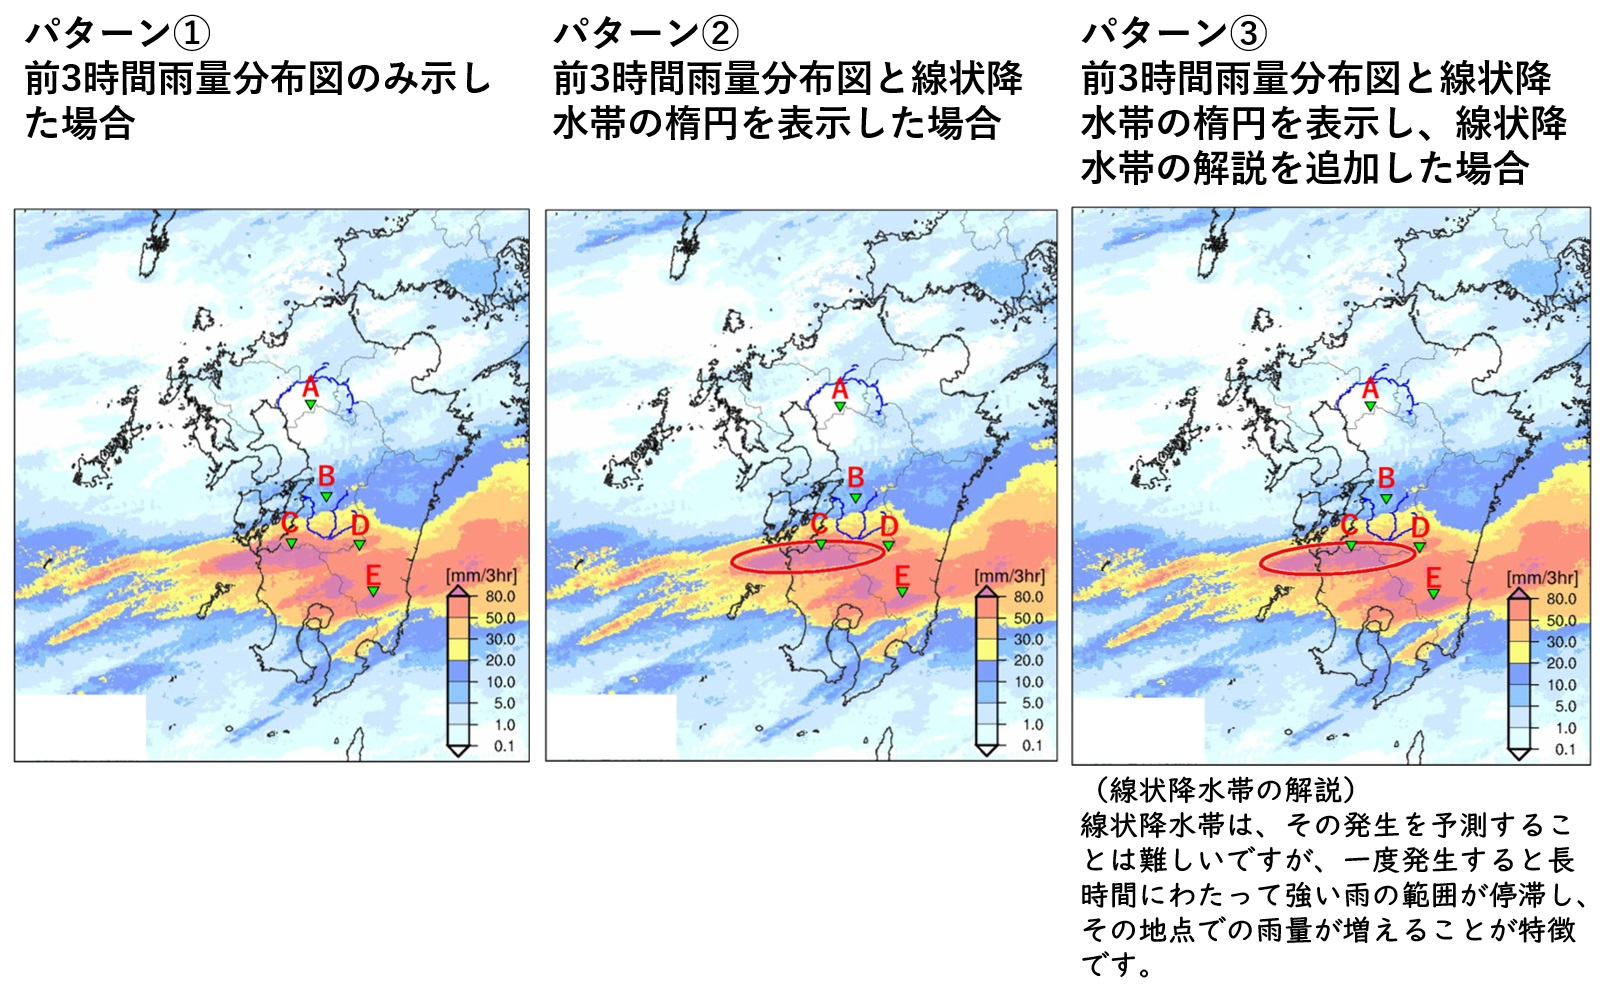 図2 各グループに提示した雨量分布及び線状降水帯の発生を表す楕円を記した情報